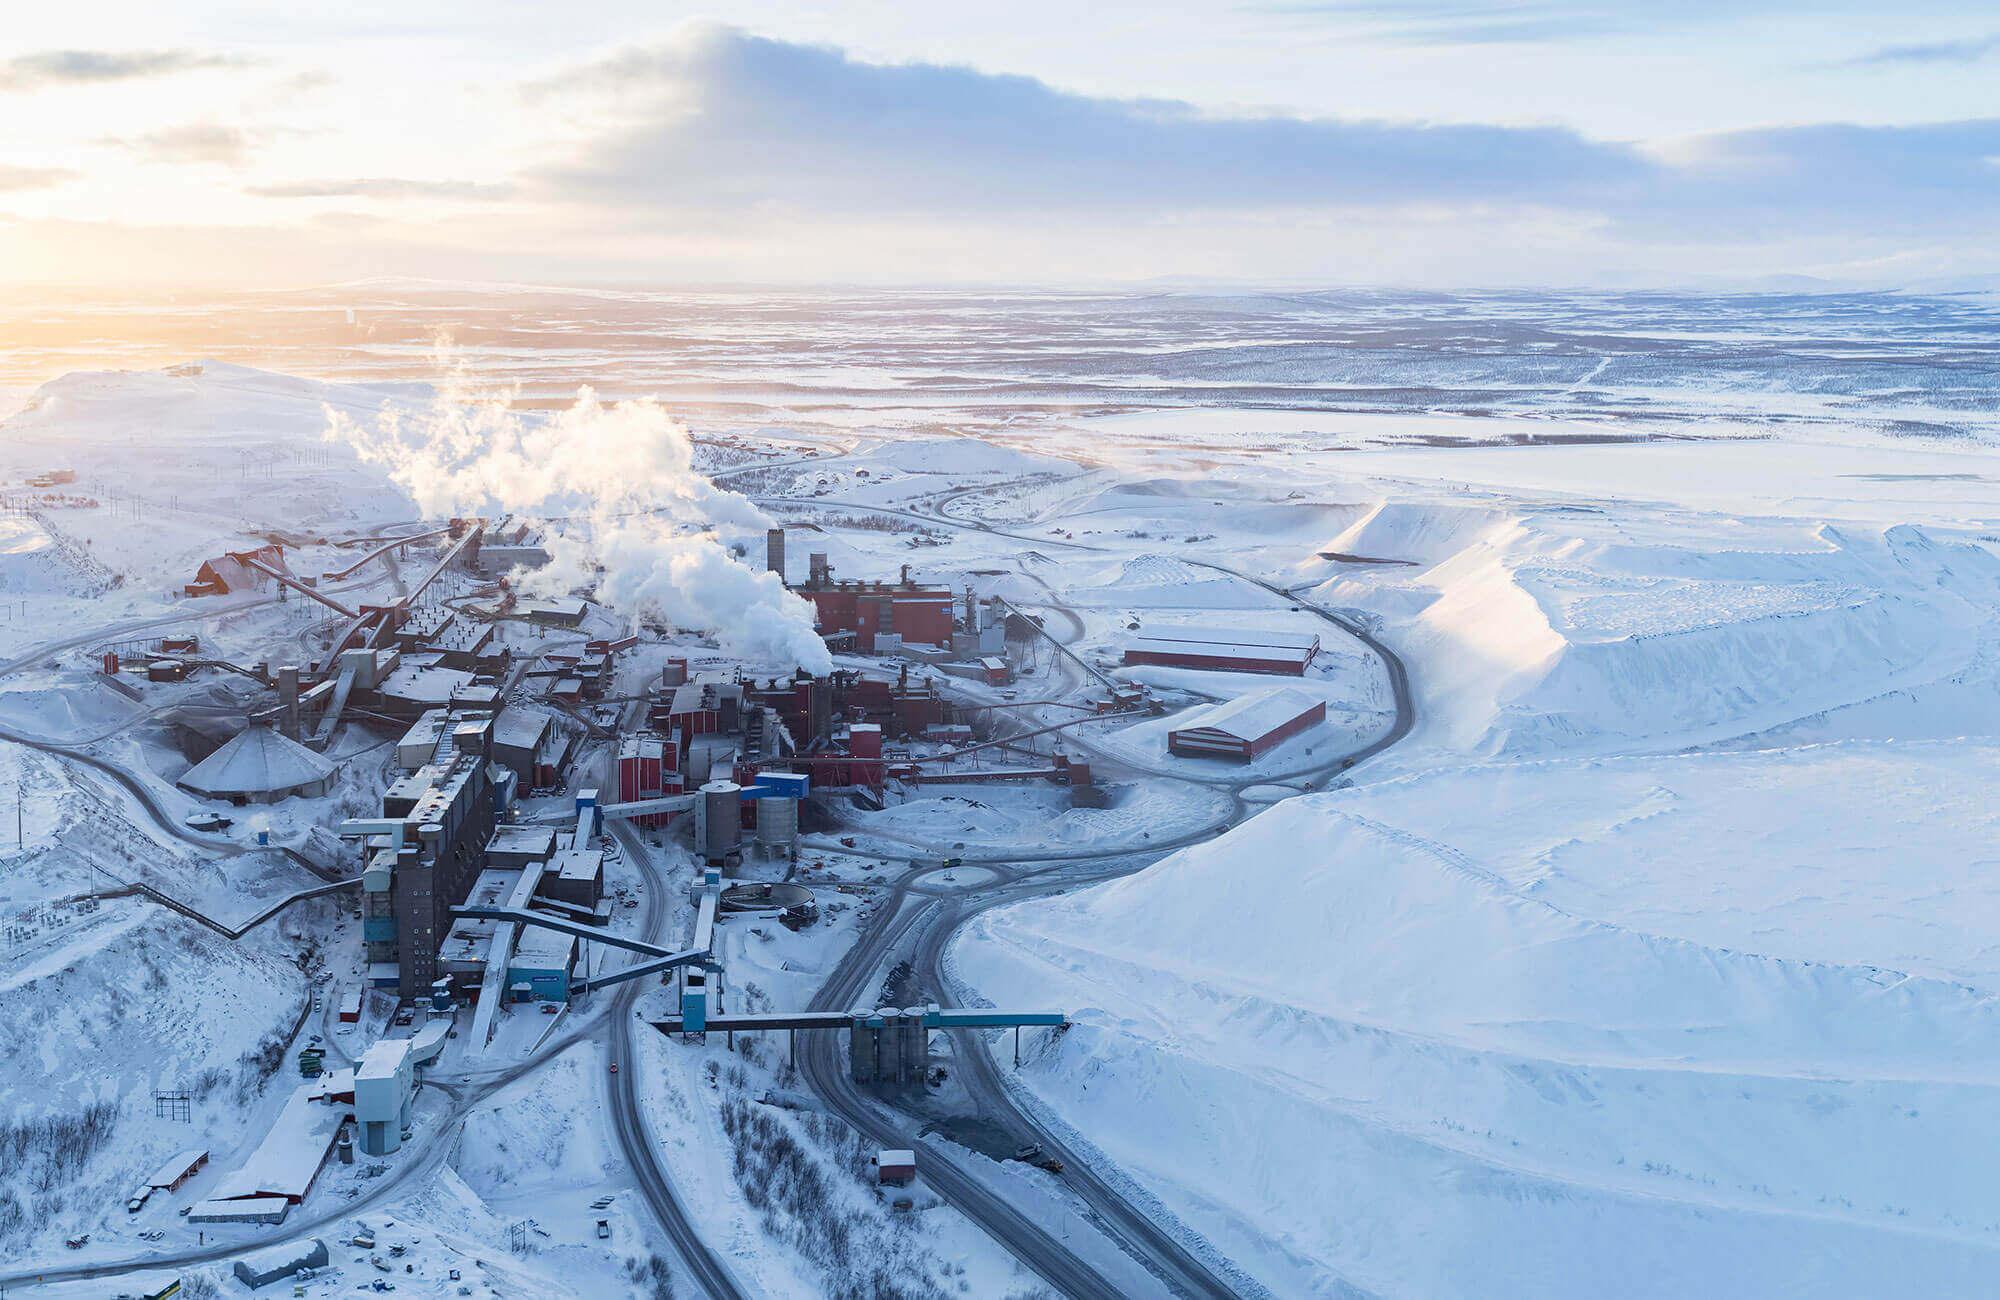 isveç kiruna kasabası madencilik faaliyetleri